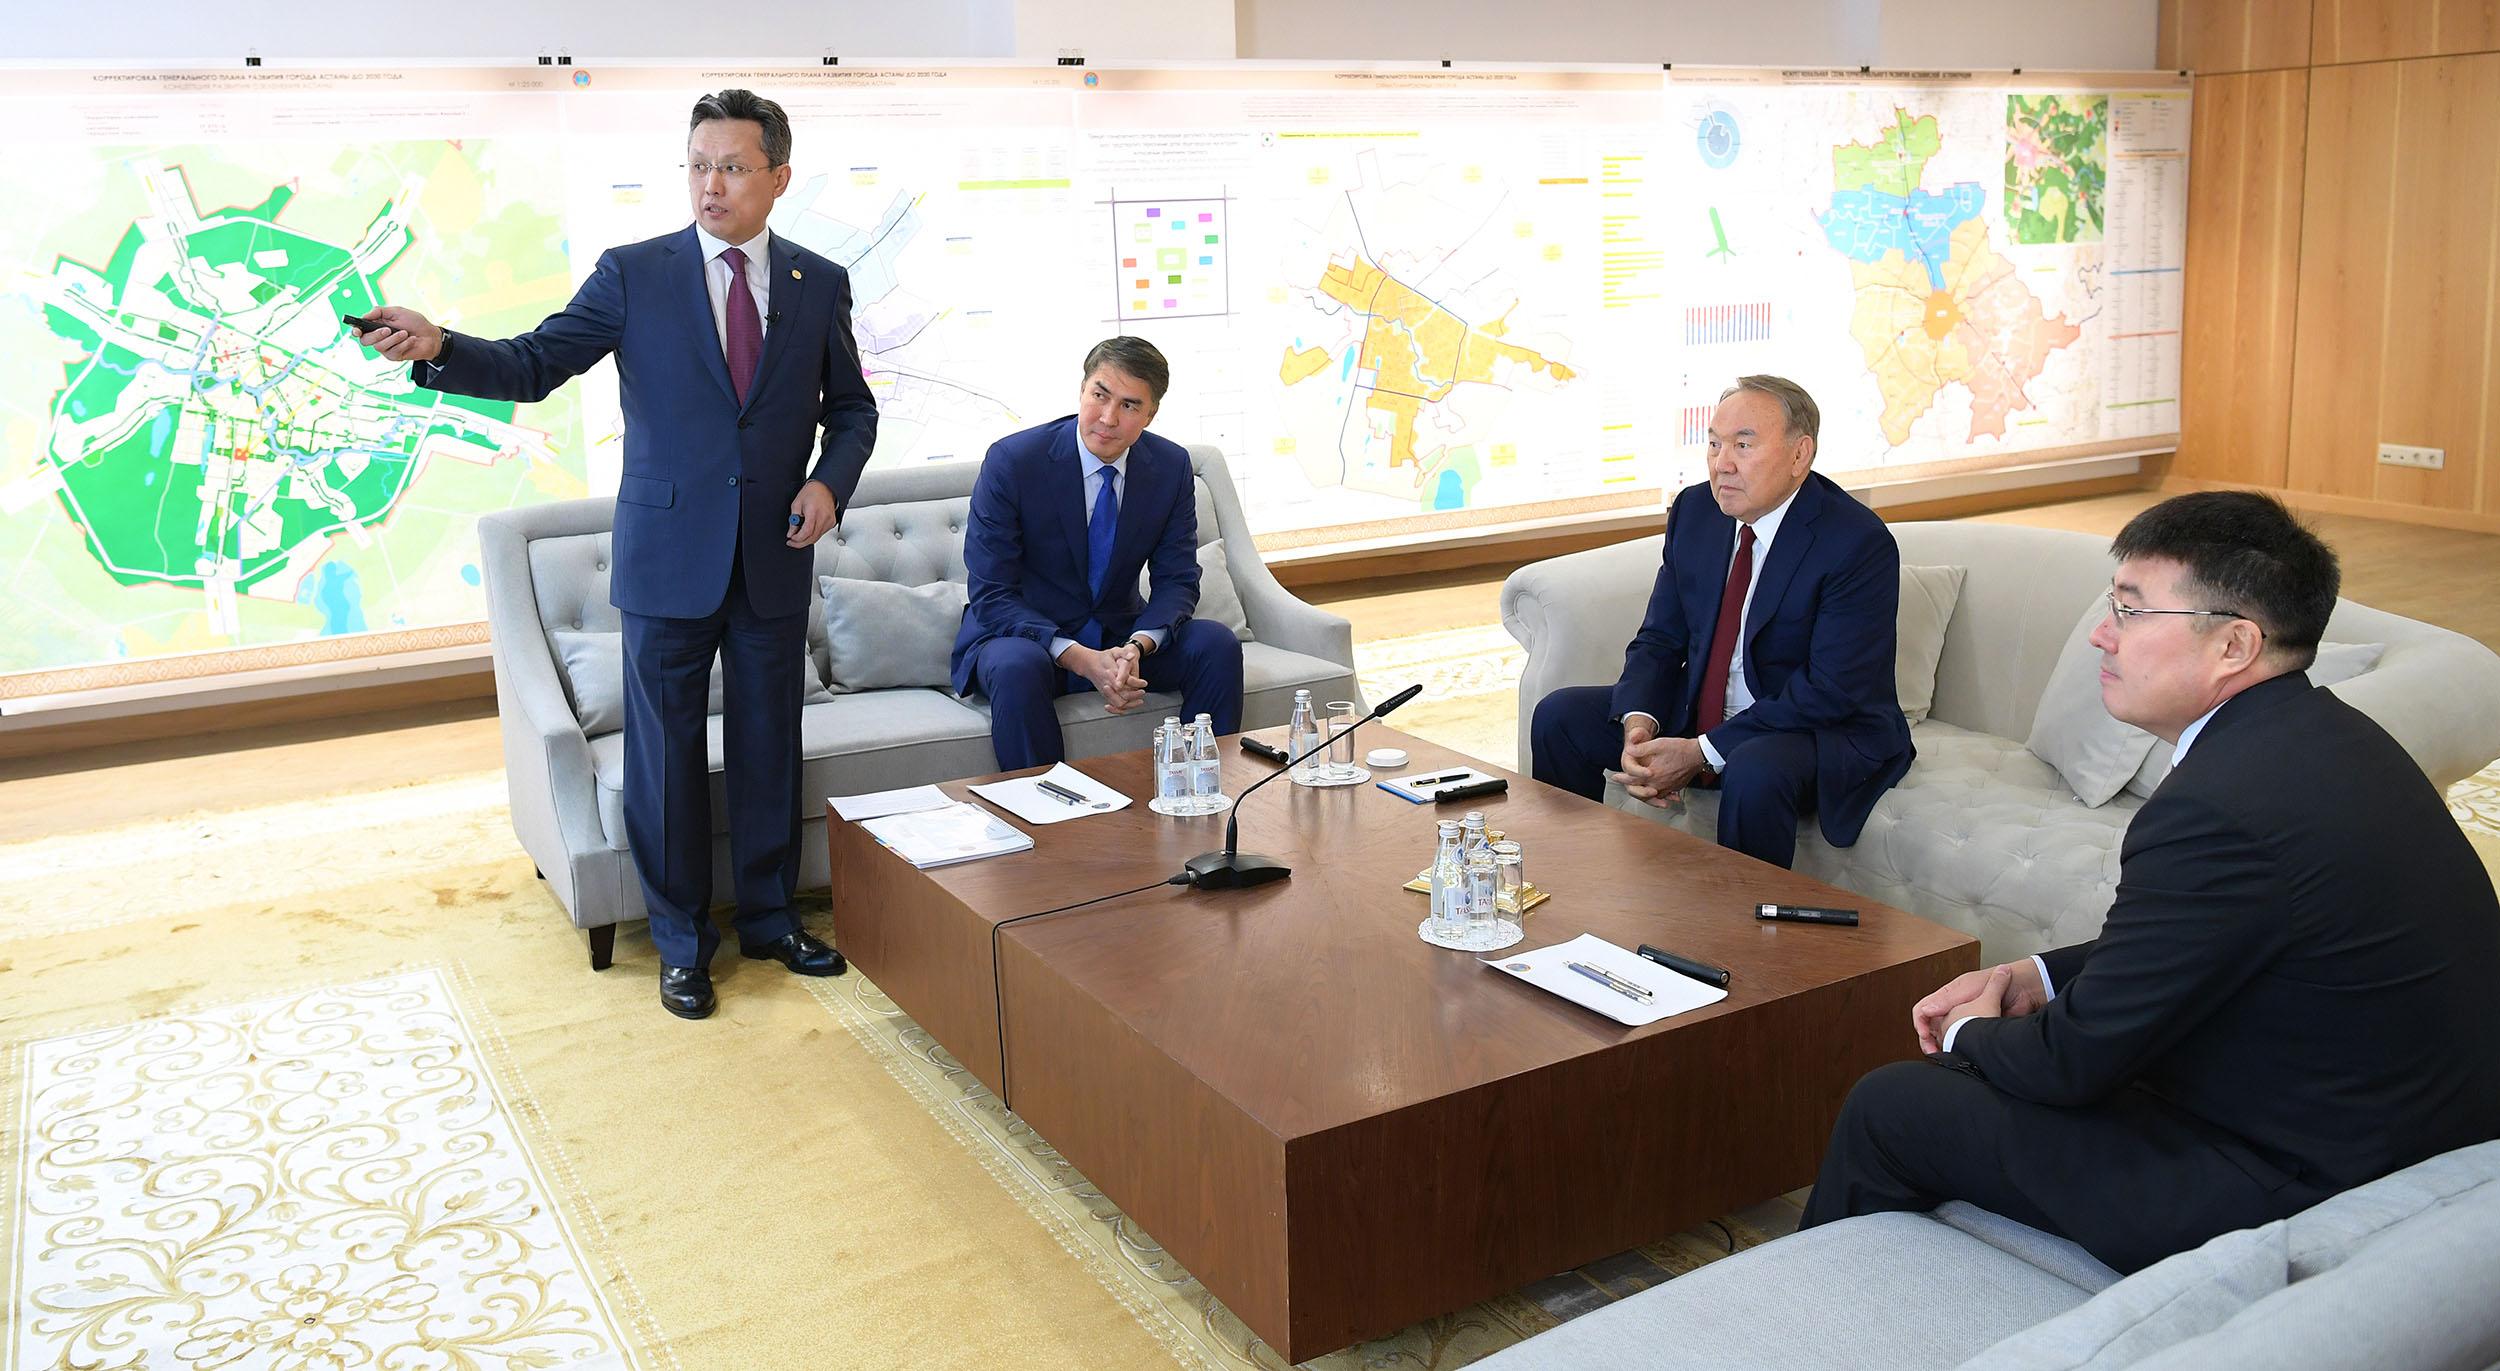 Нурсултан Назарбаев ознакомился с генпланом Астаны